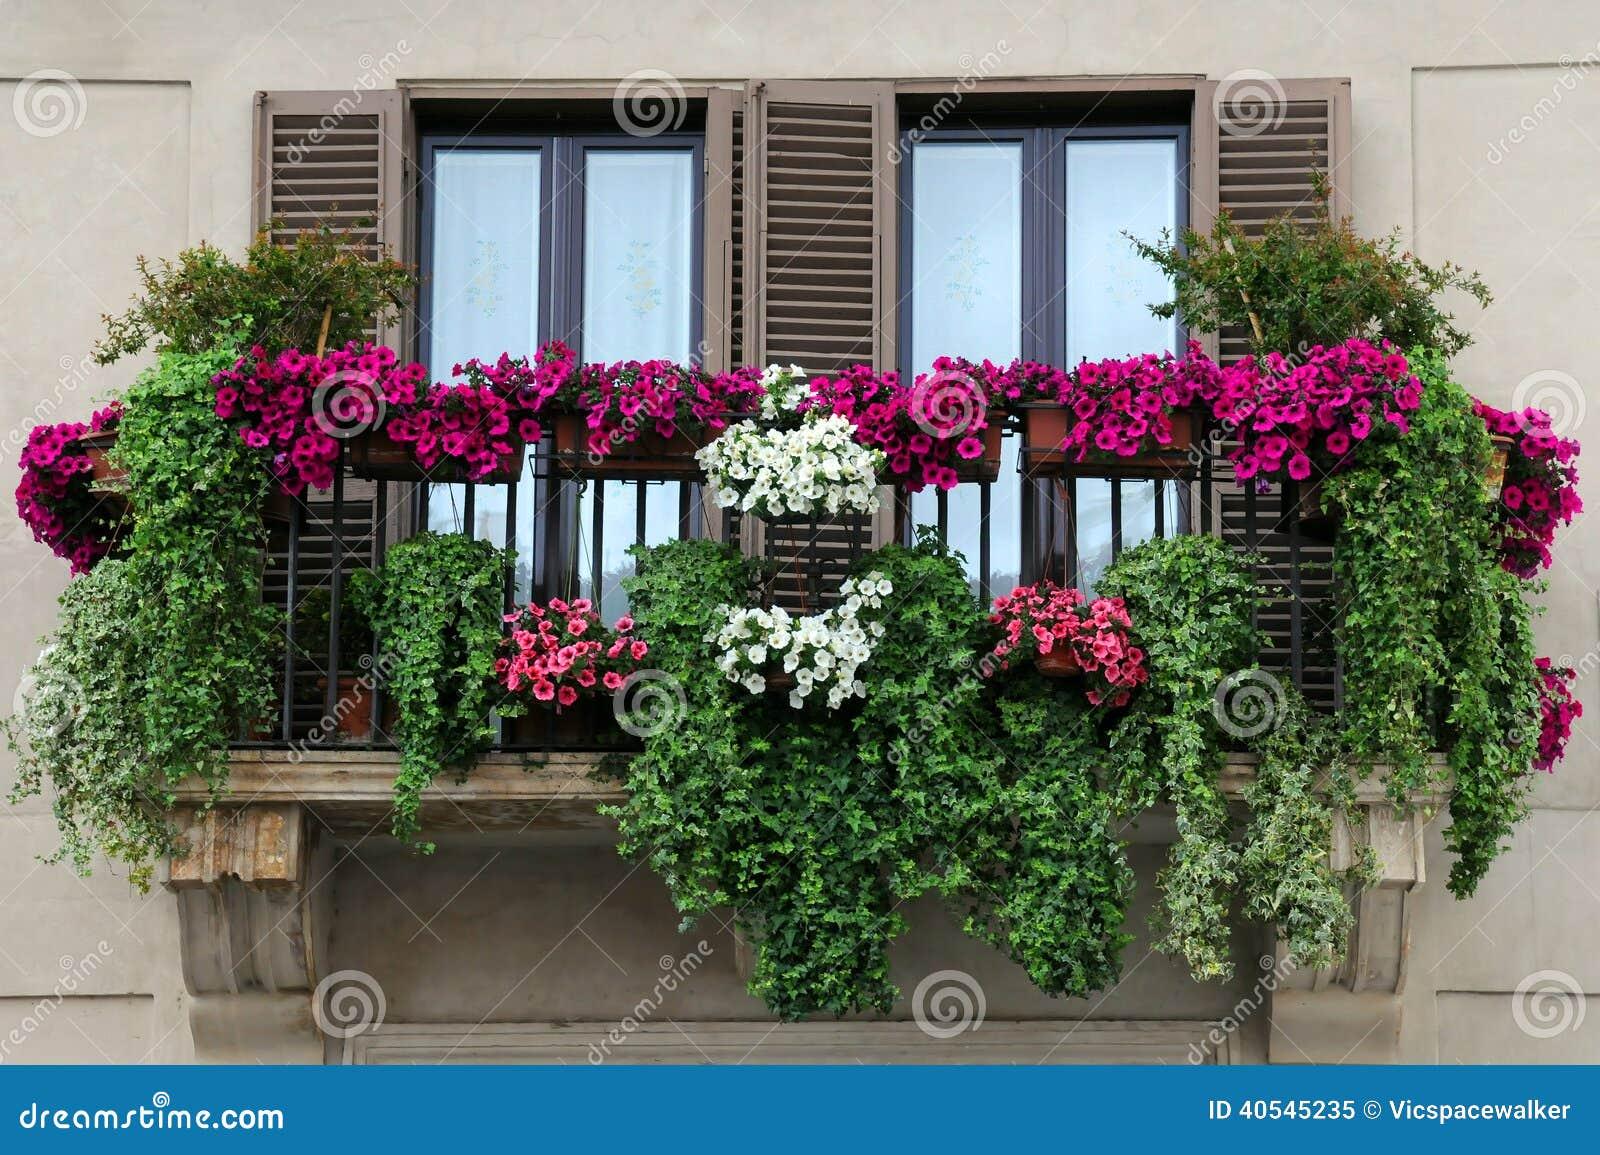 Вдохновение: цветочное оформление балконов и крылец актуальн.